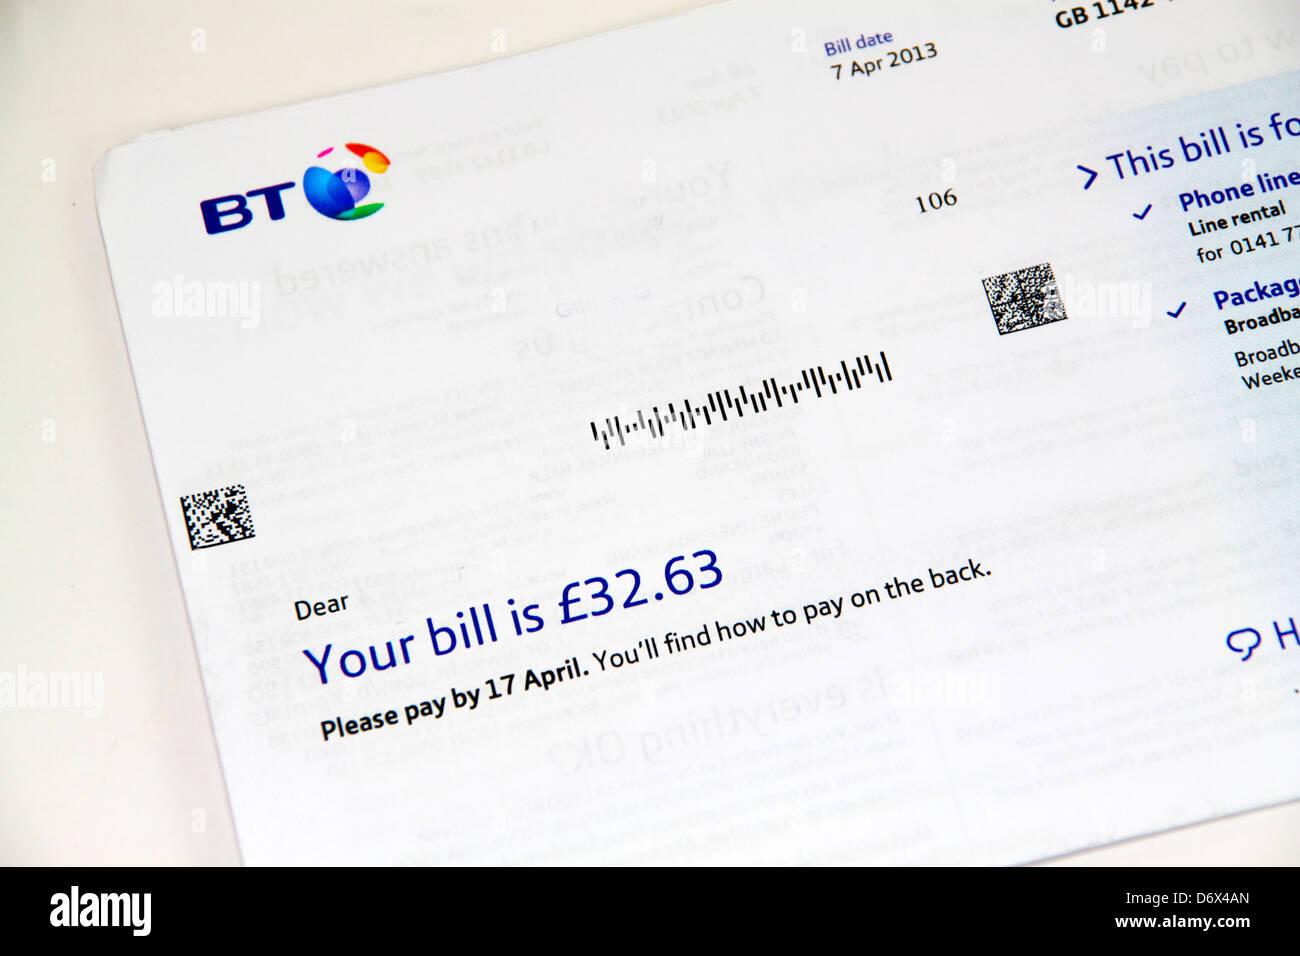 BT PHONE BILL PDF DOWNLOAD